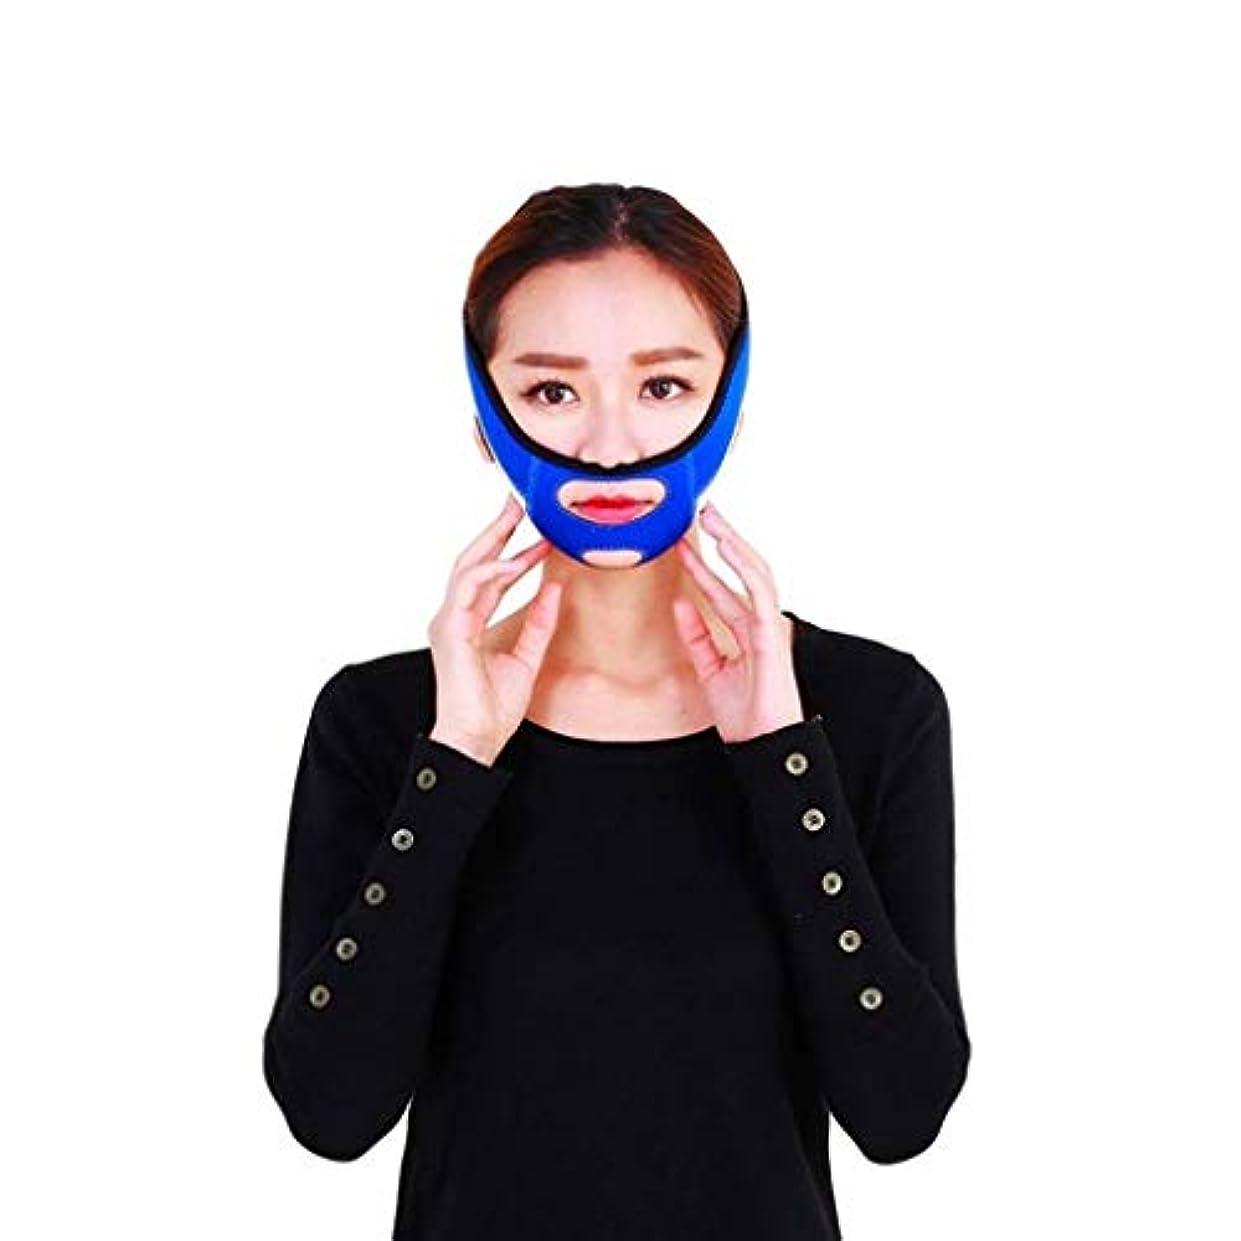 困惑した思いやりバングVフェイスラインベルトチンチークスリムリフトアップアンチリンクルマスク超薄型ストラップバンドVフェイスラインベルトストラップバンド通気性